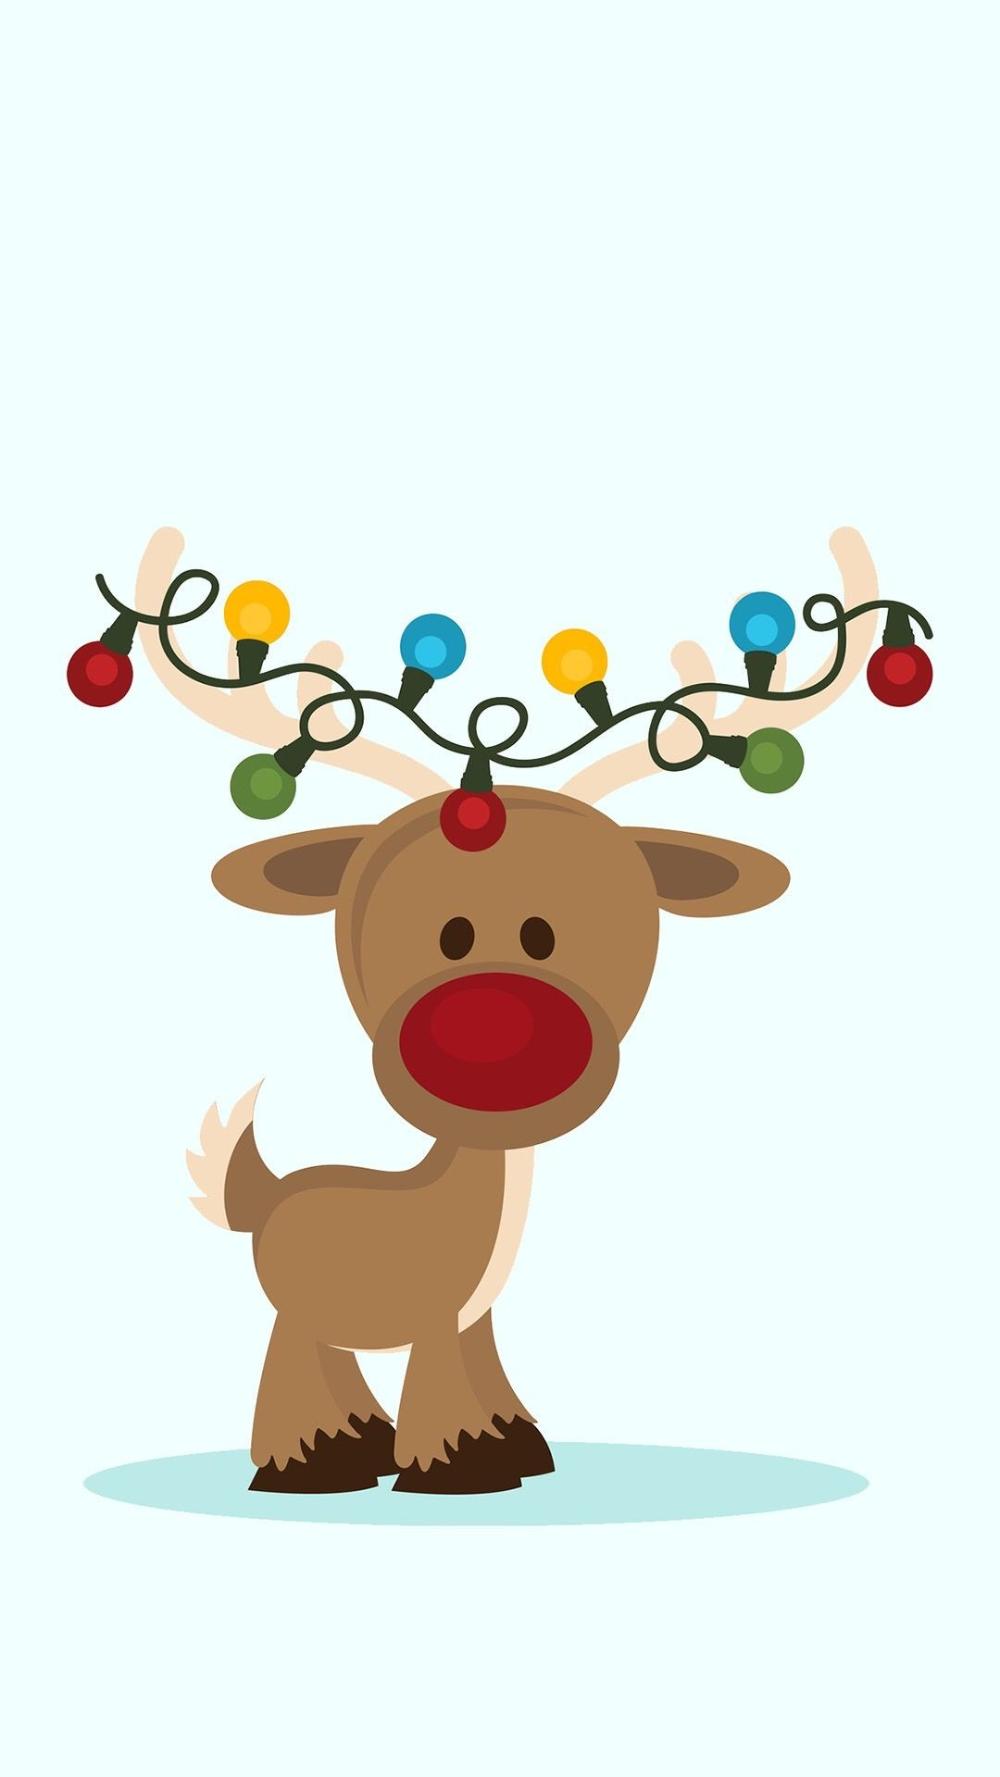 Cute Reindeer Wallpaper 49 Images Christmas Phone Wallpaper Cute Christmas Wallpaper Wallpaper Iphone Christmas